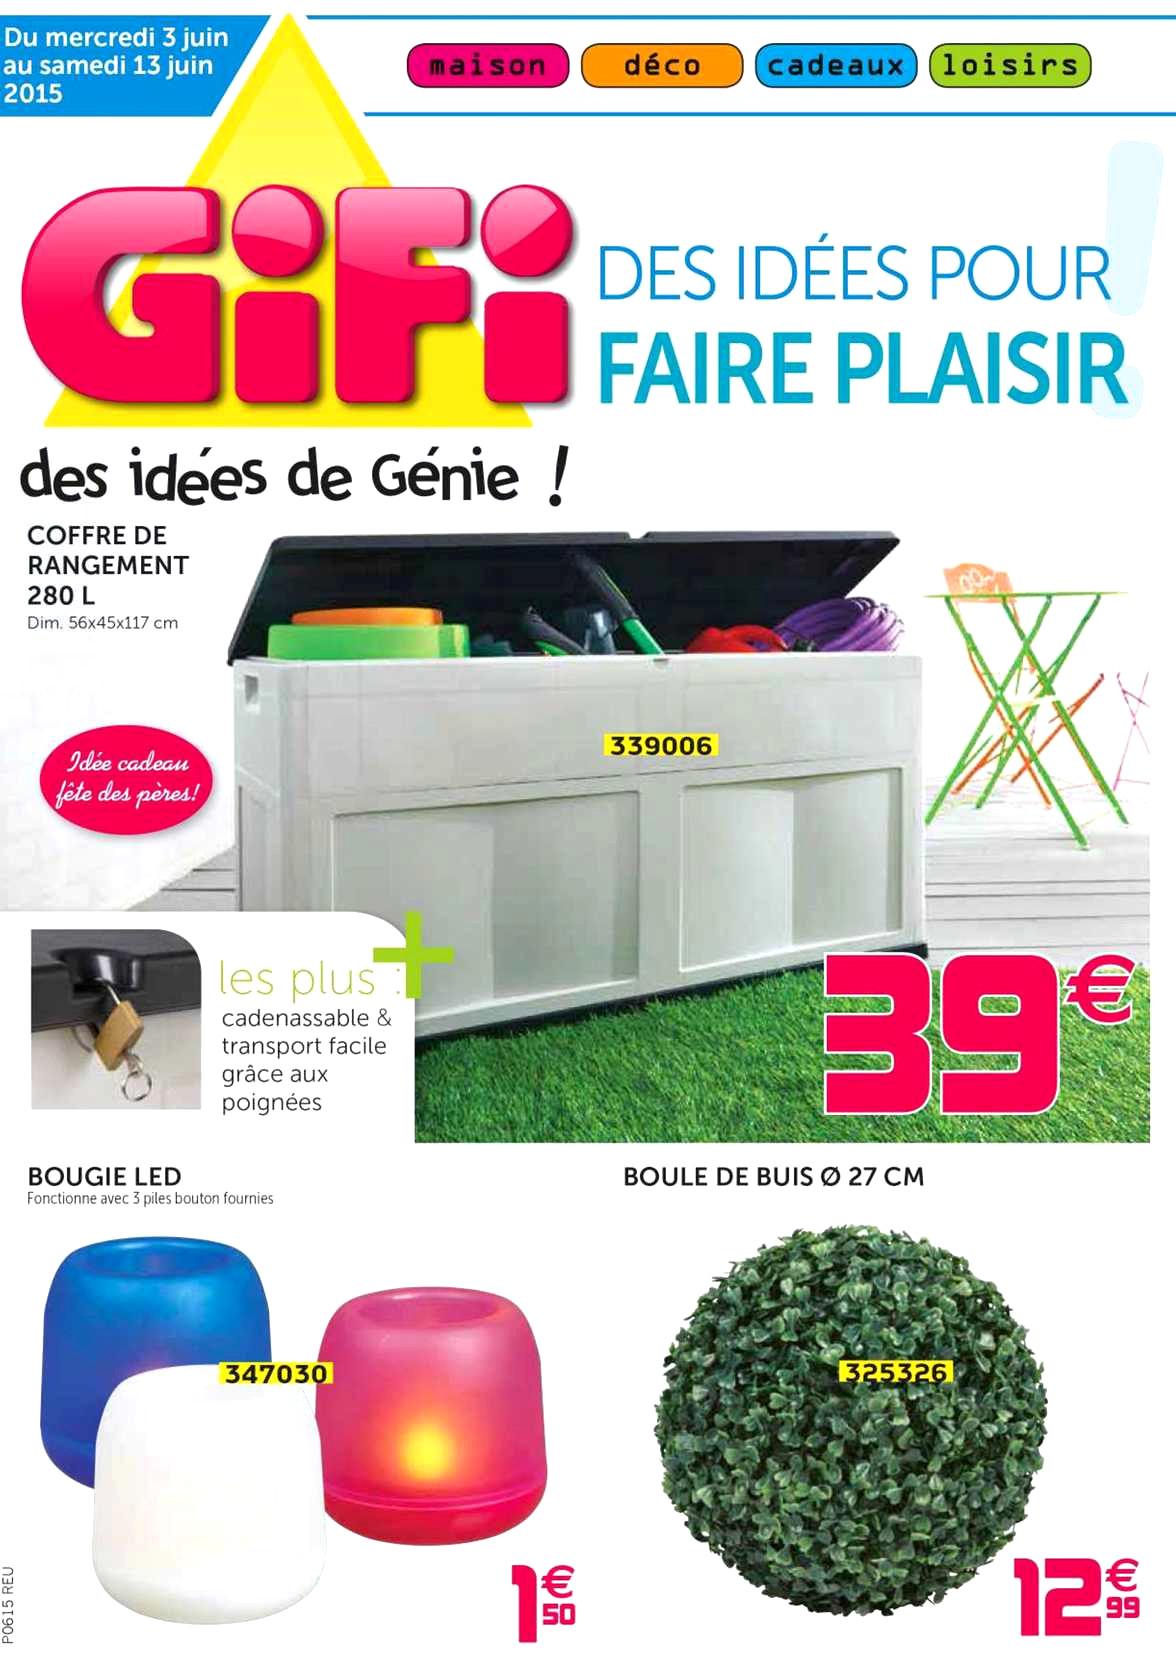 Tonnelle Pliable Gifi Beau Collection Inspiration De Meubles Page 337 Of 634 Meubles Meuble Design